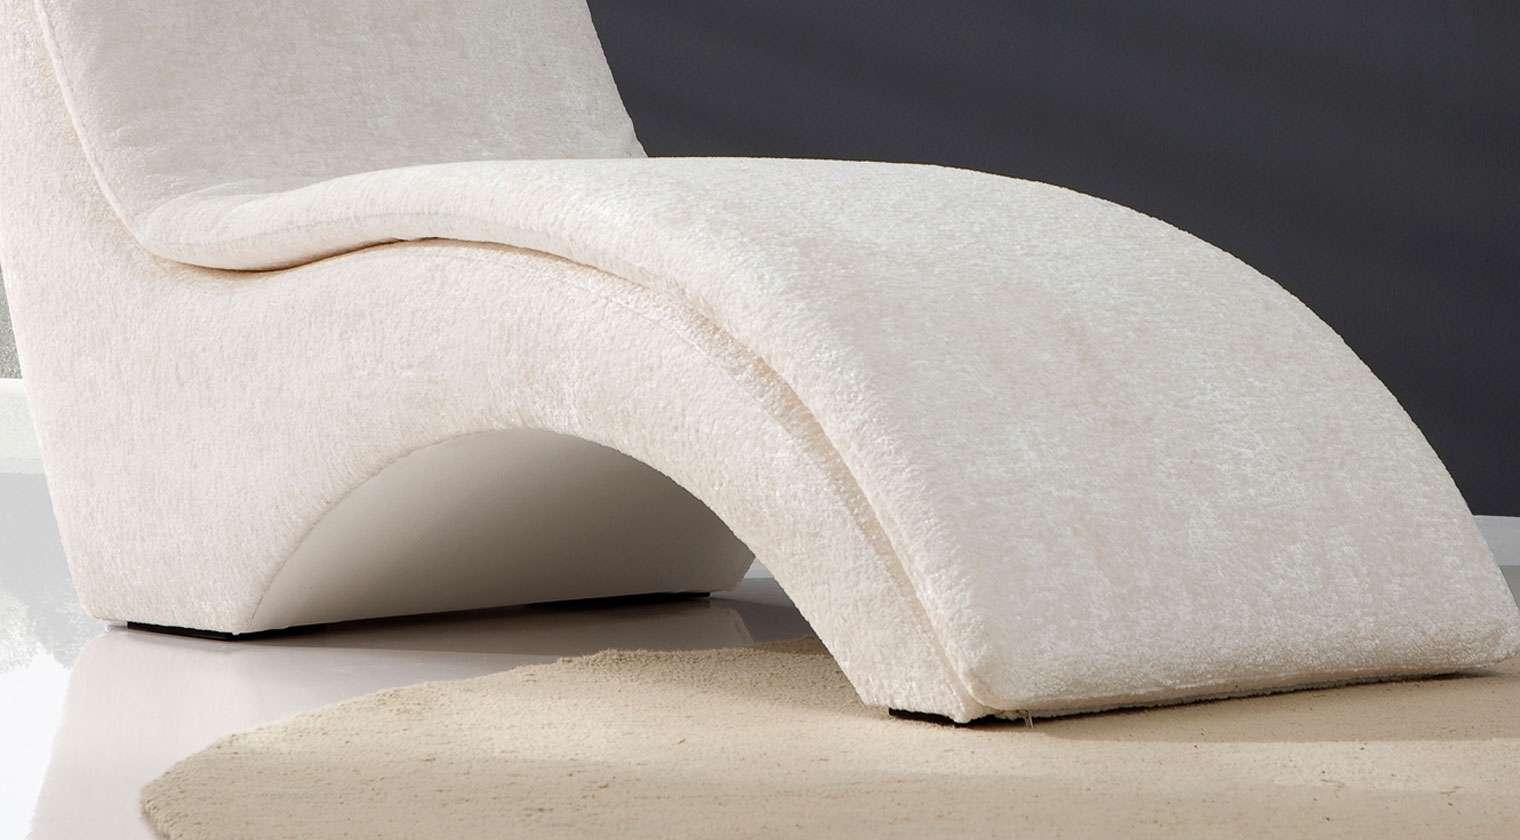 Como forrar una butaca cmo tapizar y renovar una silla - Tapizar butaca paso a paso ...